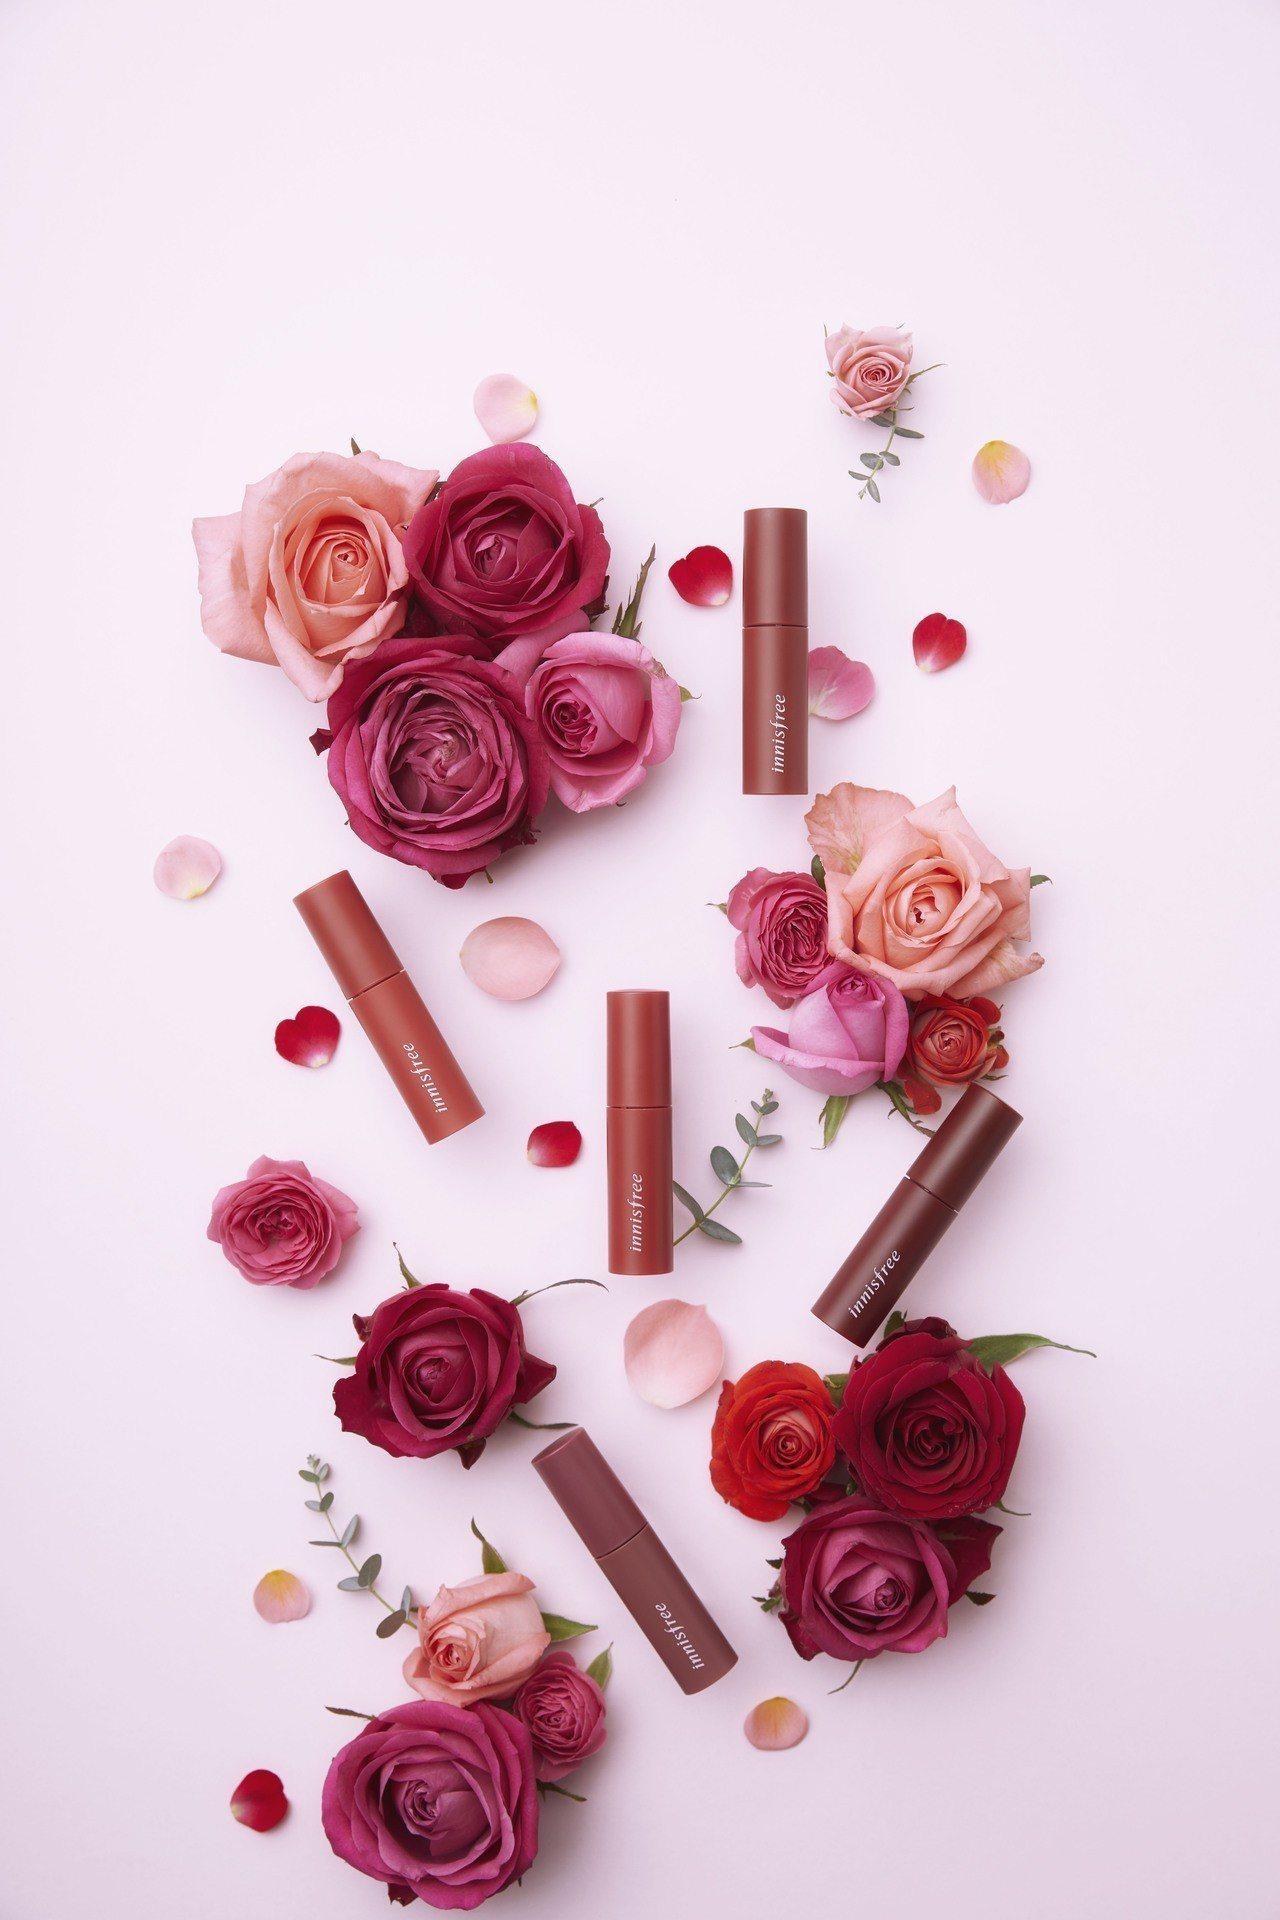 innisfree新推出霧面質感的花漾綿蜜唇萃,以「鮮榨玫瑰」色系為主軸,售價3...